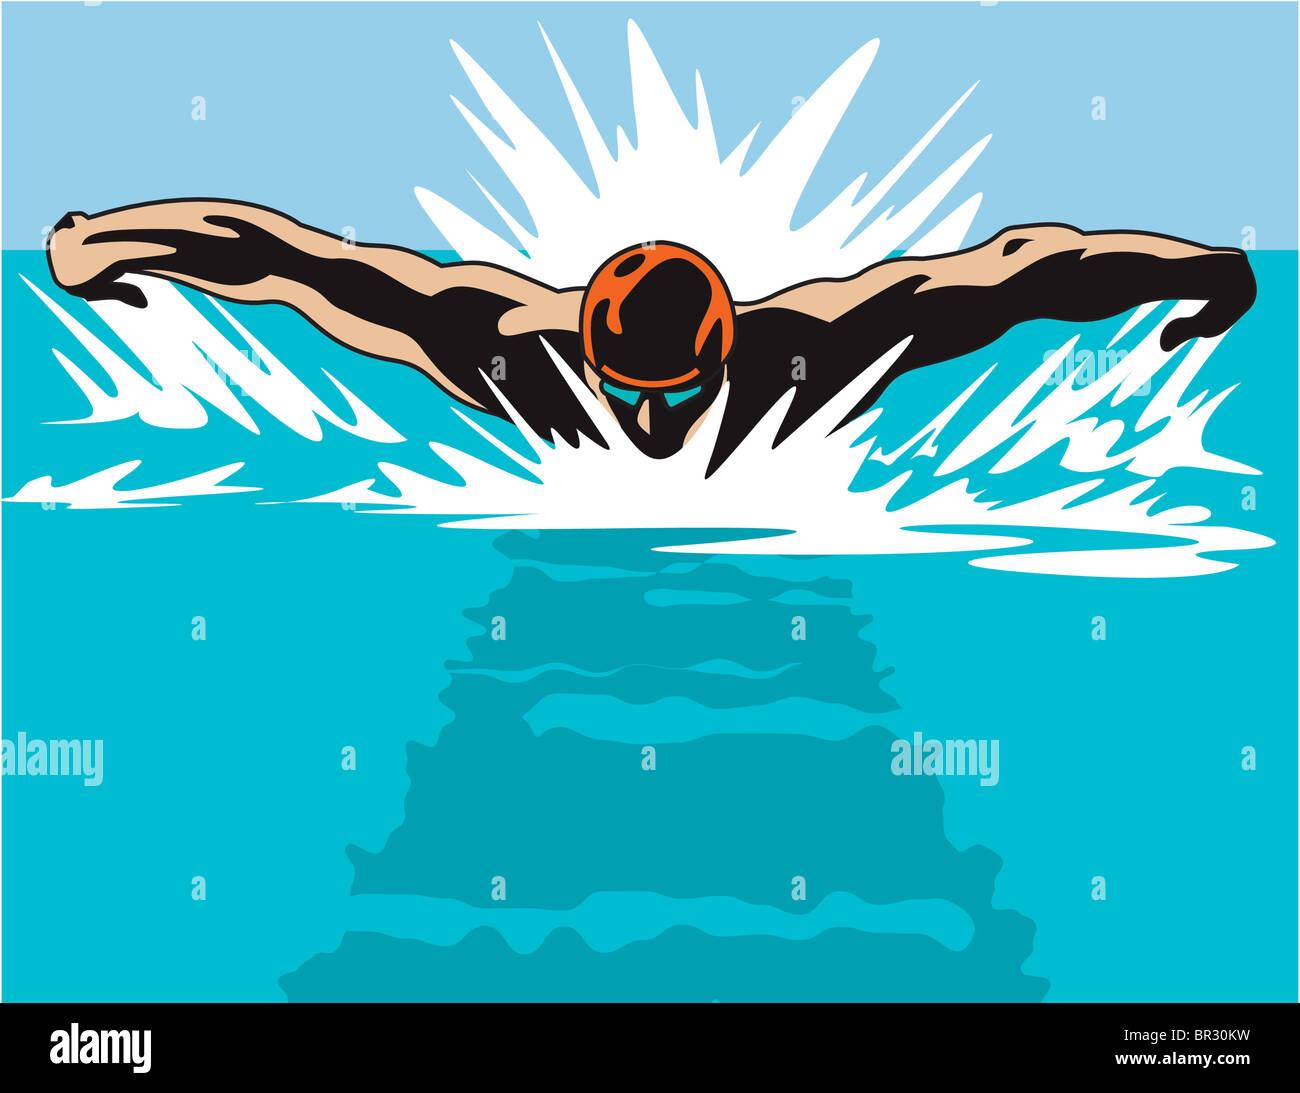 Une illustration d'un nageur d'un point de vue sur la tête Photo Stock